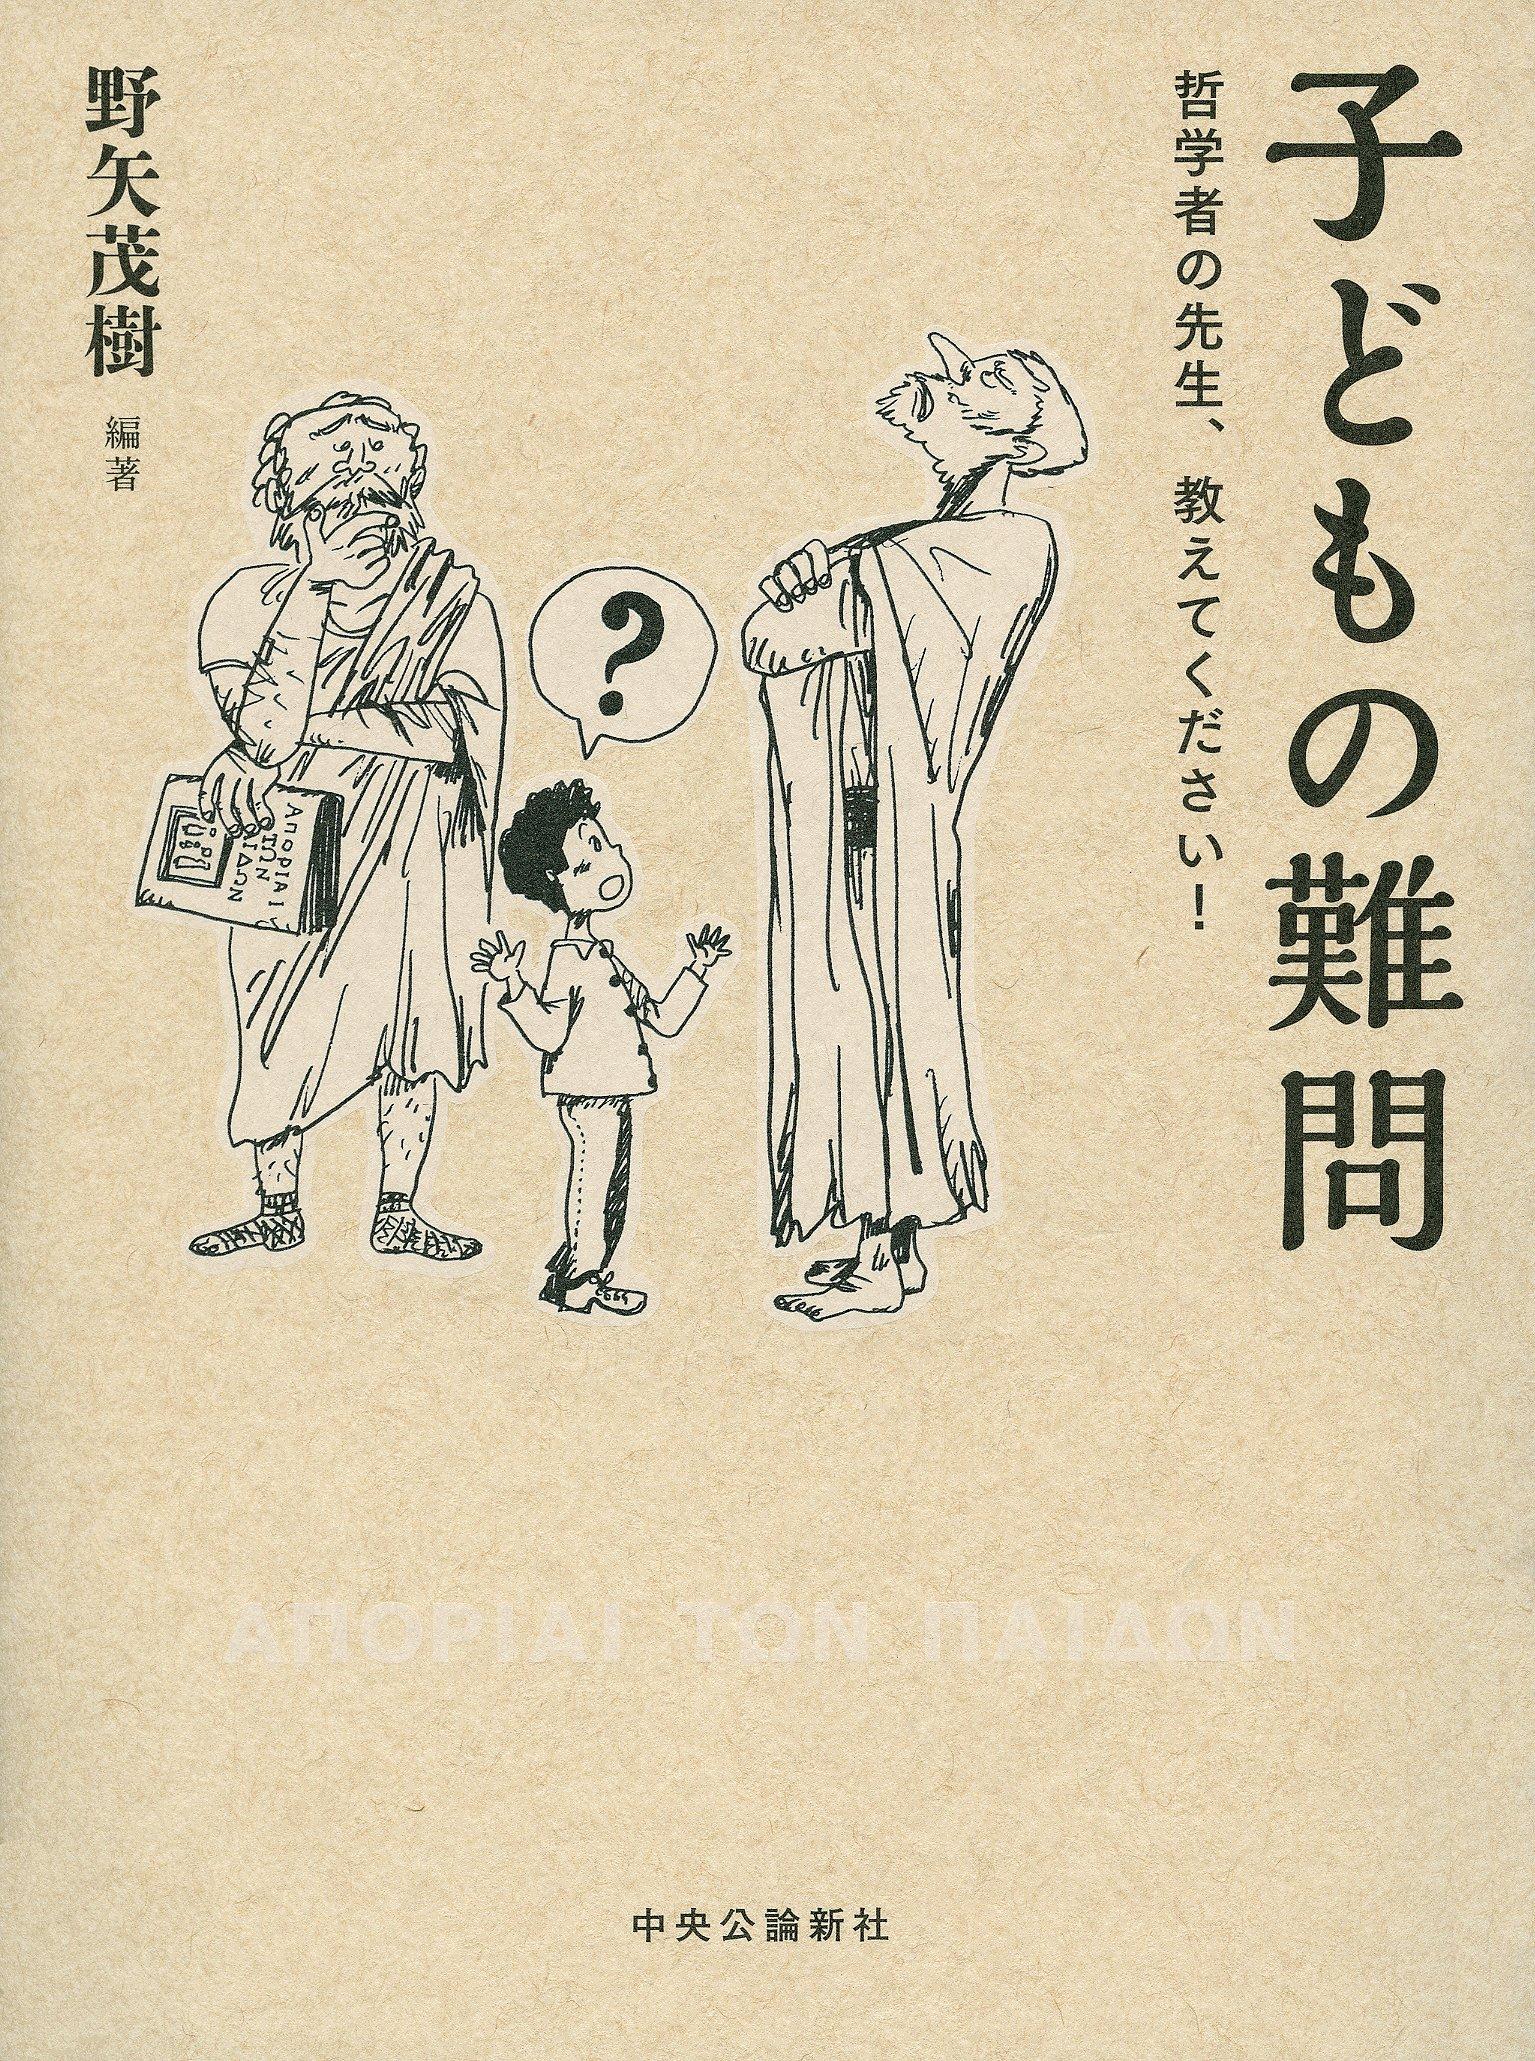 野矢茂樹編(2013)『子どもの難問』中央公論新社